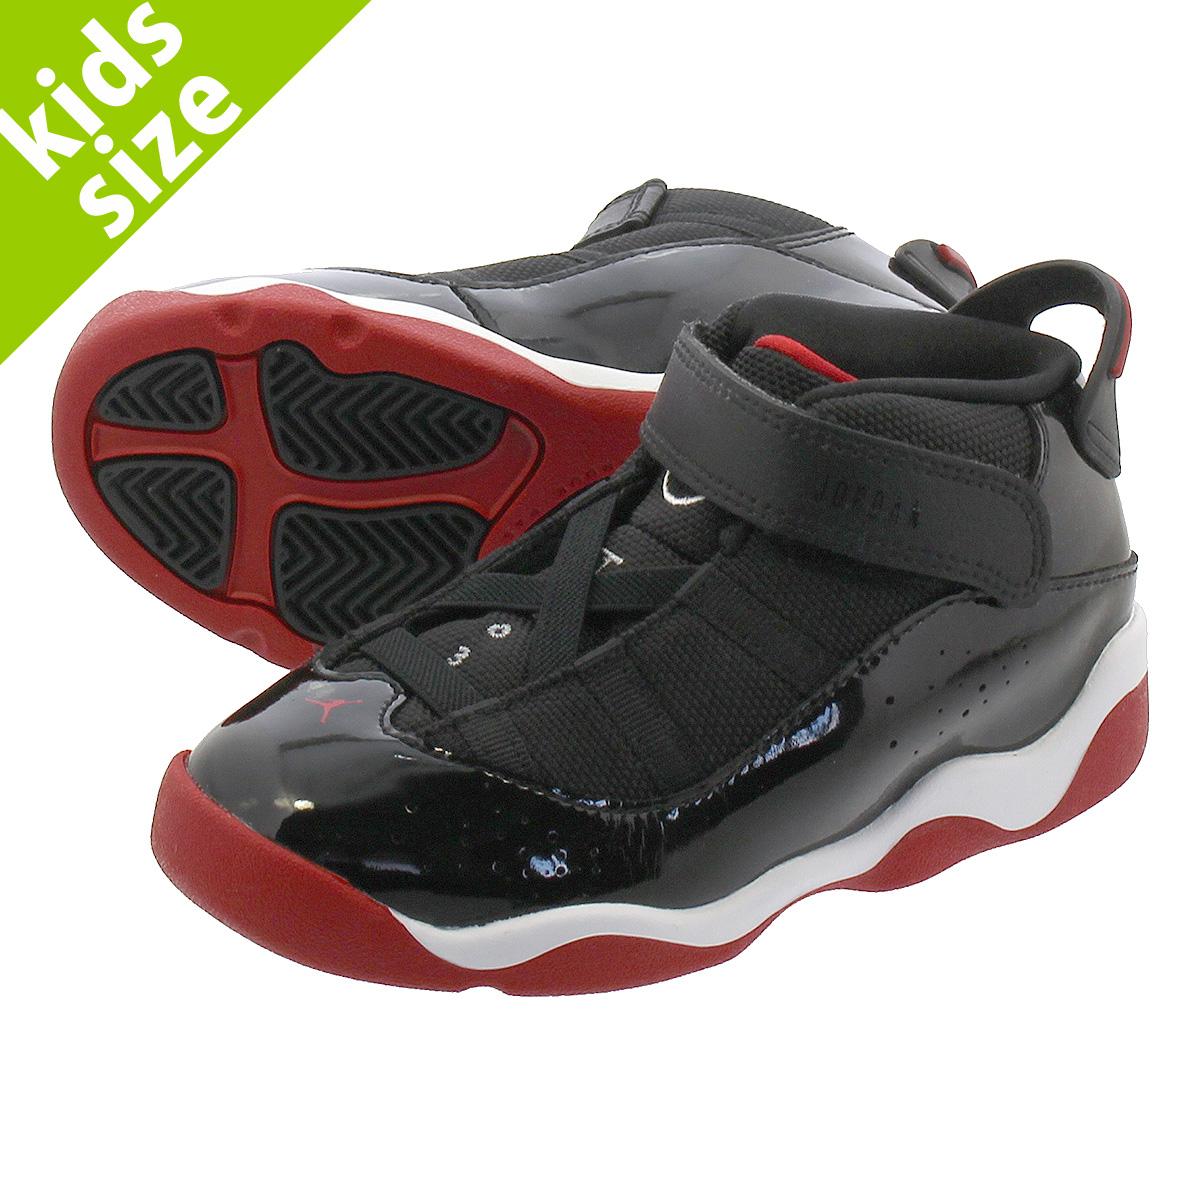 08bb7e77f57 LOWTEX PLUS: NIKE JORDAN 6 RINGS TD Nike Jordan 6 RINGS Co.,Ltd. TD ...